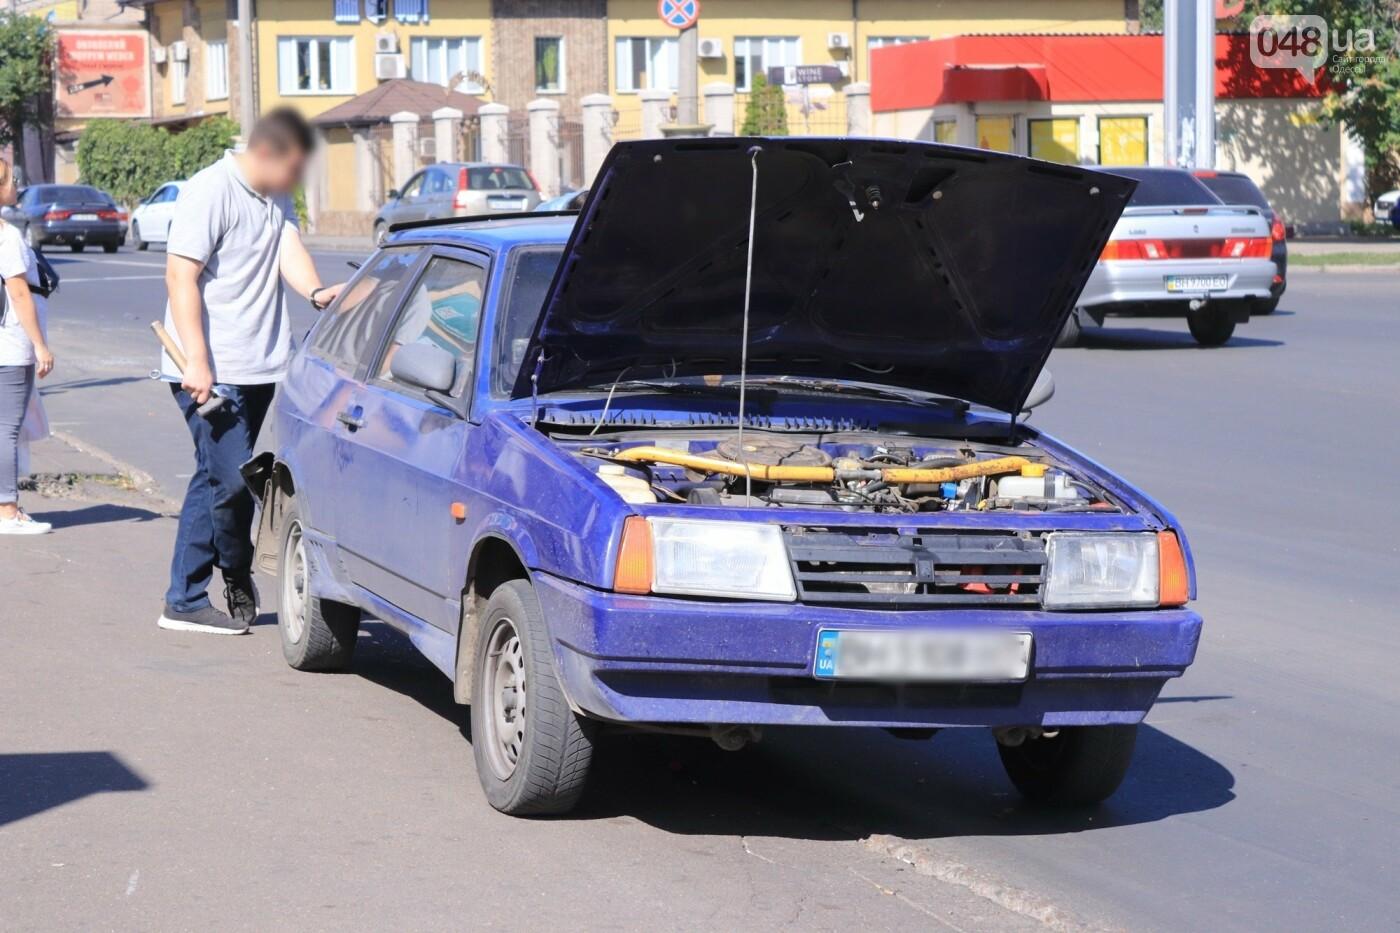 Могли взорваться: в Одессе КАМАЗ протаранил на светофоре легковушку с баллоном газа в багажнике, - ФОТО , фото-2